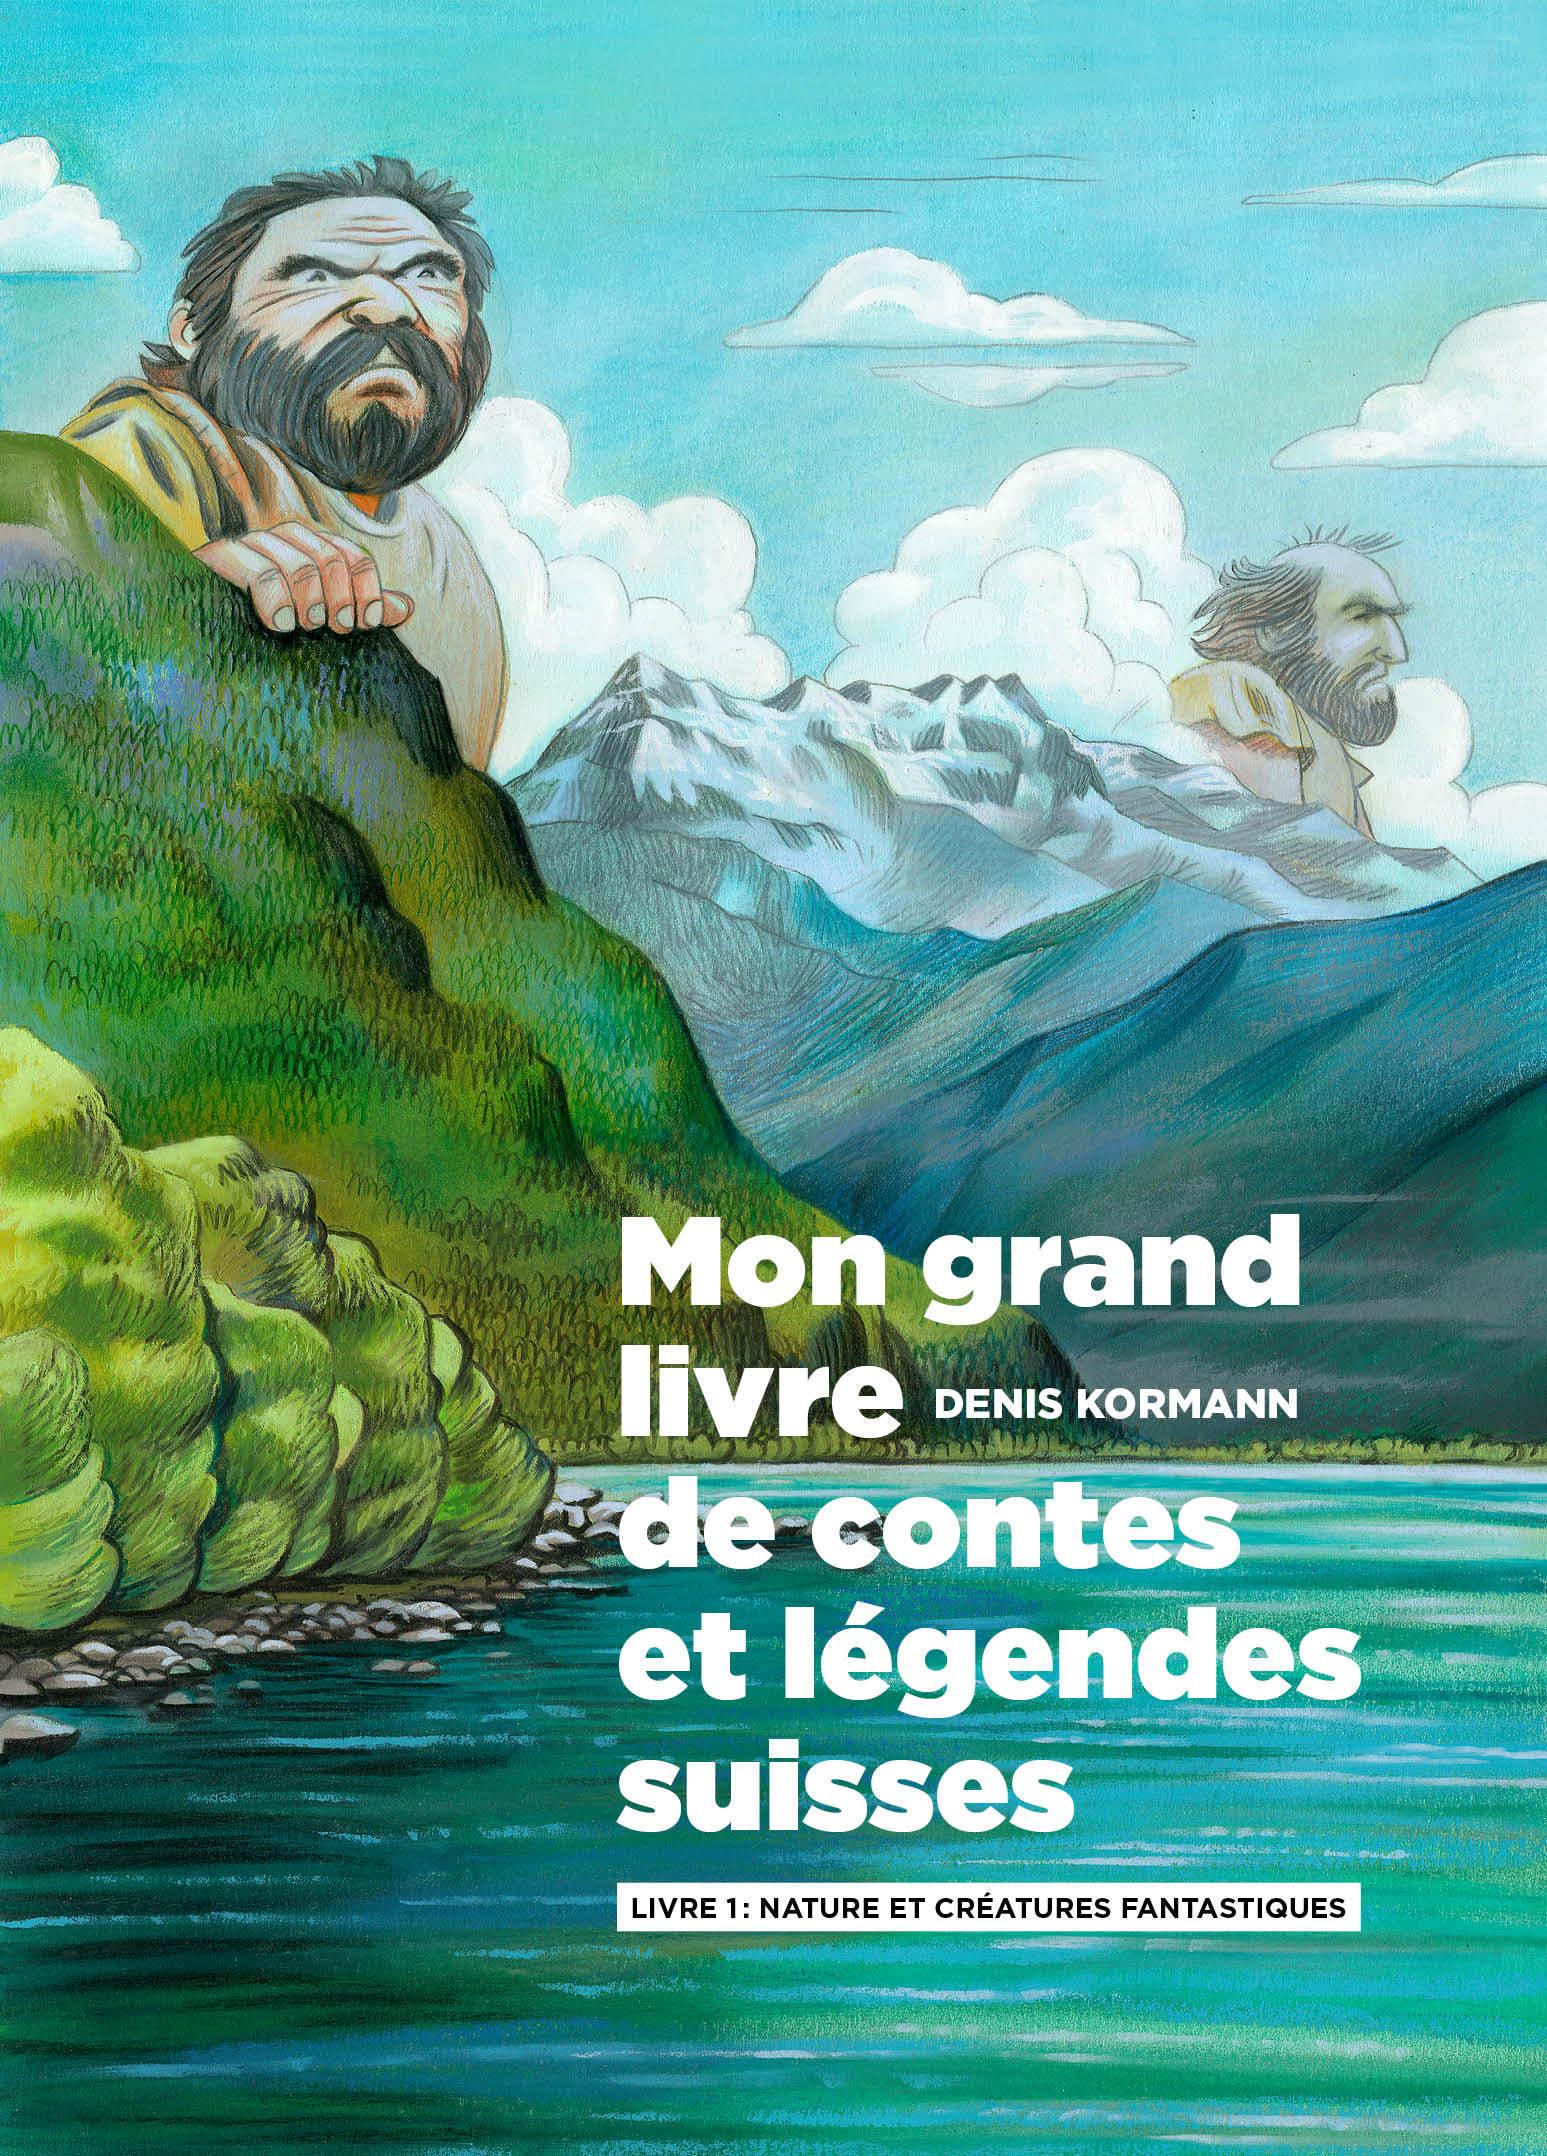 MON GRAND LIVRE DE CONTES ET LEGENDES SUISSES